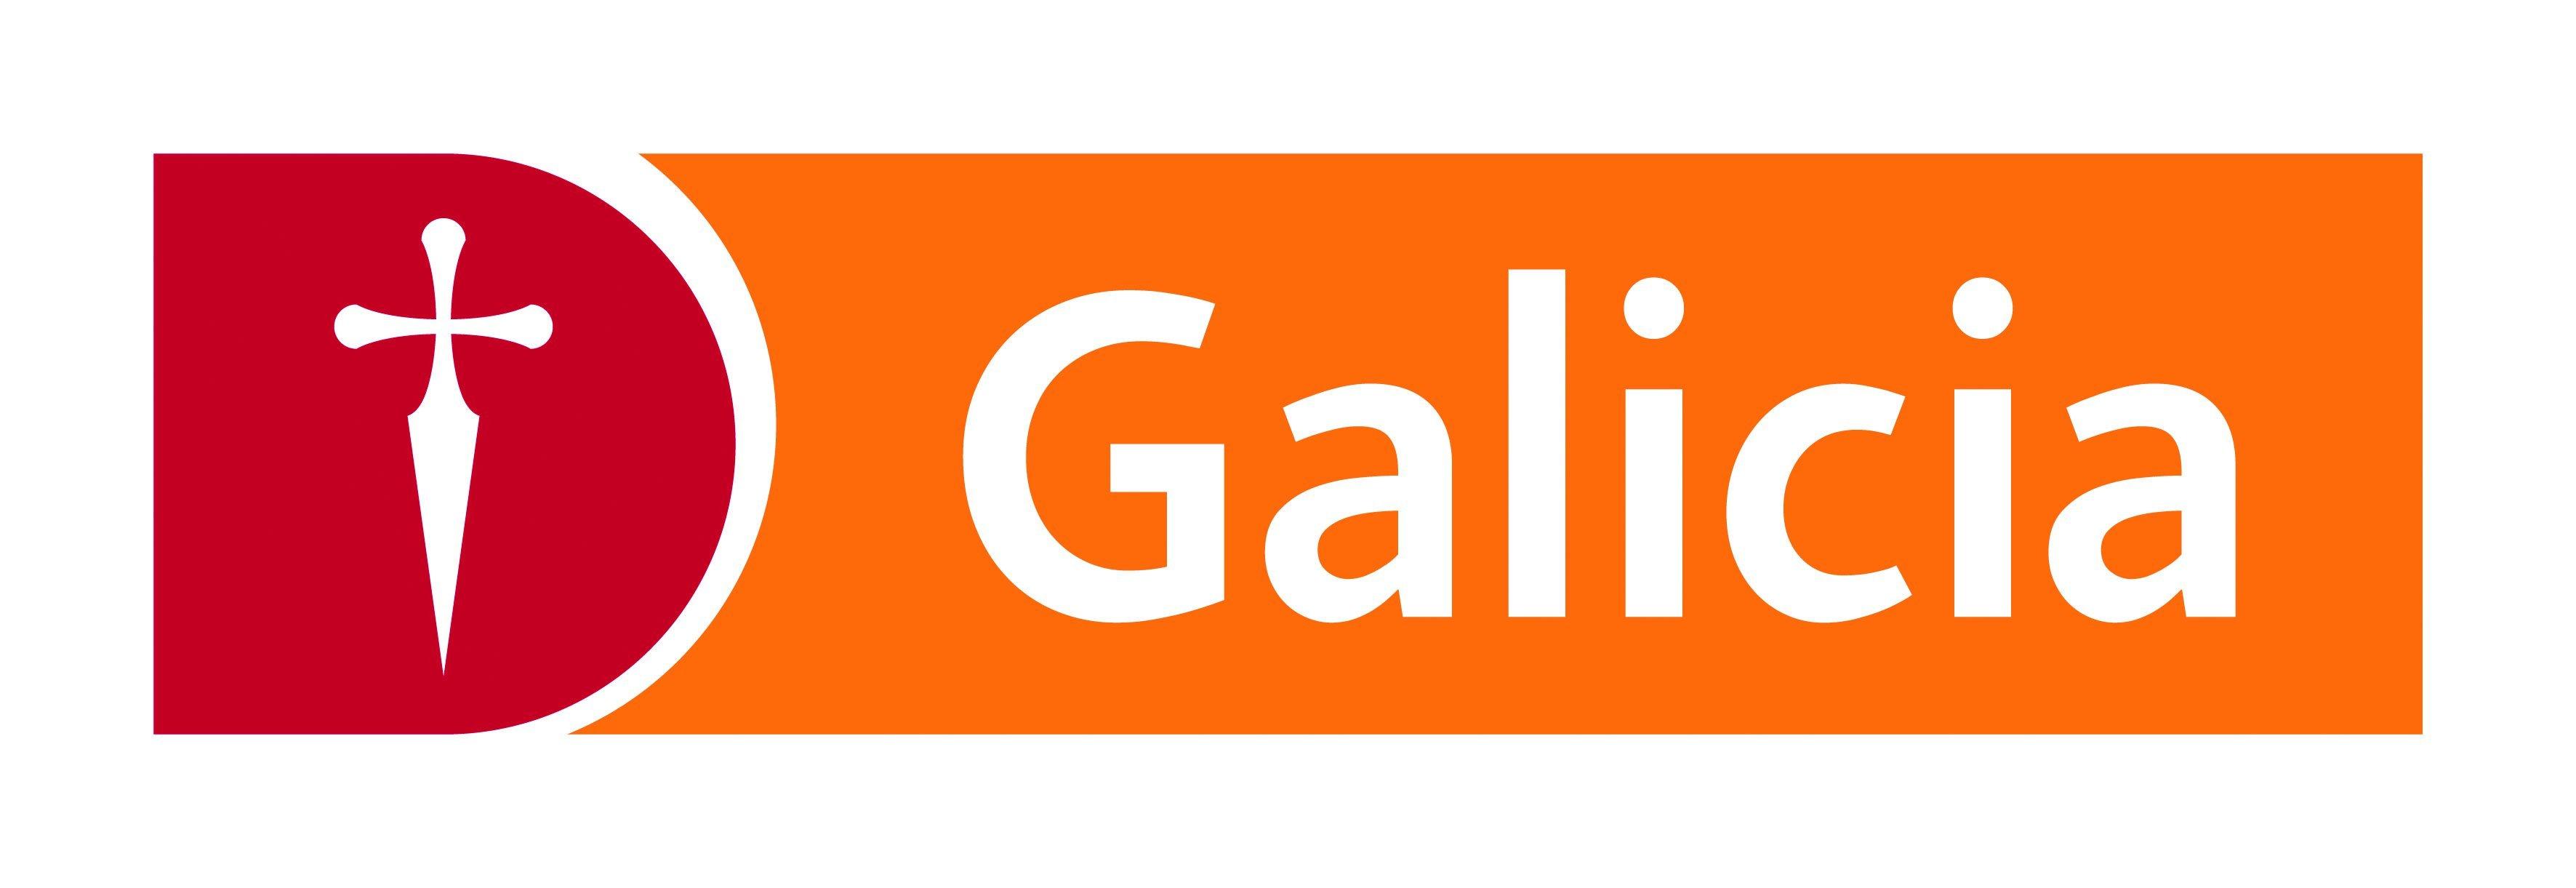 Préstamos personales Banco Galicia: requisitos, beneficios, comisiones